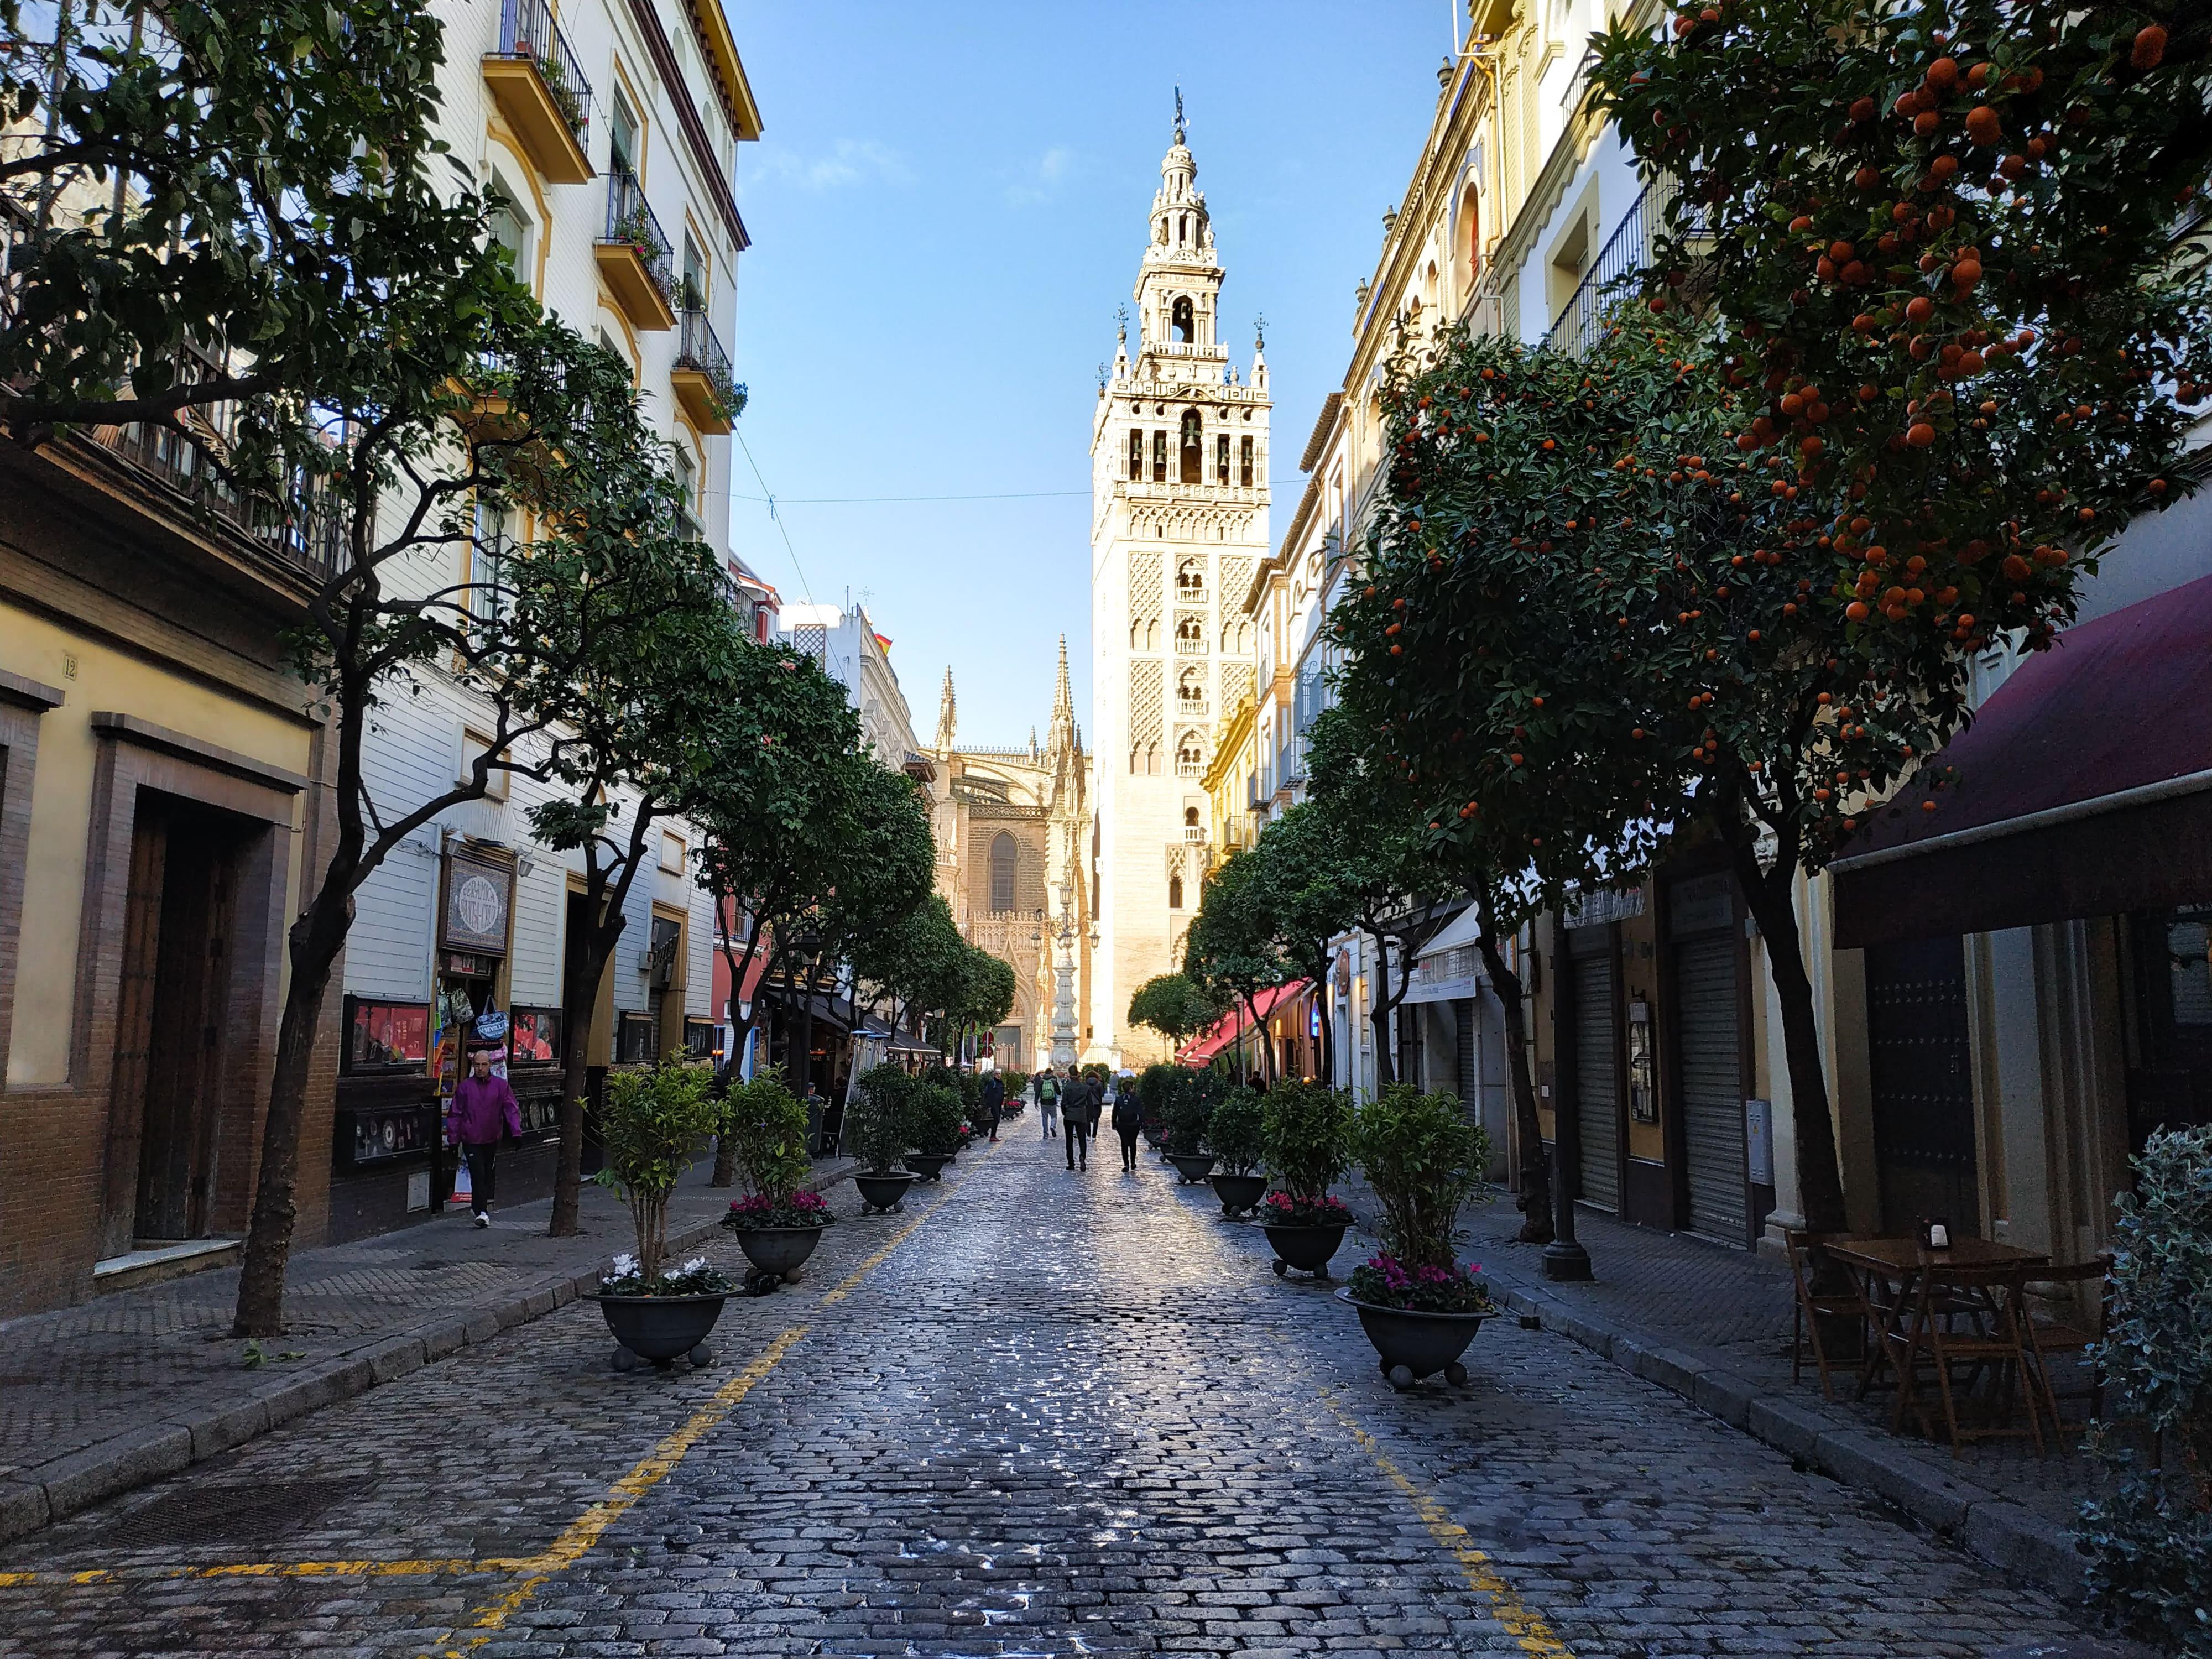 Cathédrale et Giralda : Retrouvez ici toutes les informations pour organiser votre long week-end à Séville, en Andalousie.